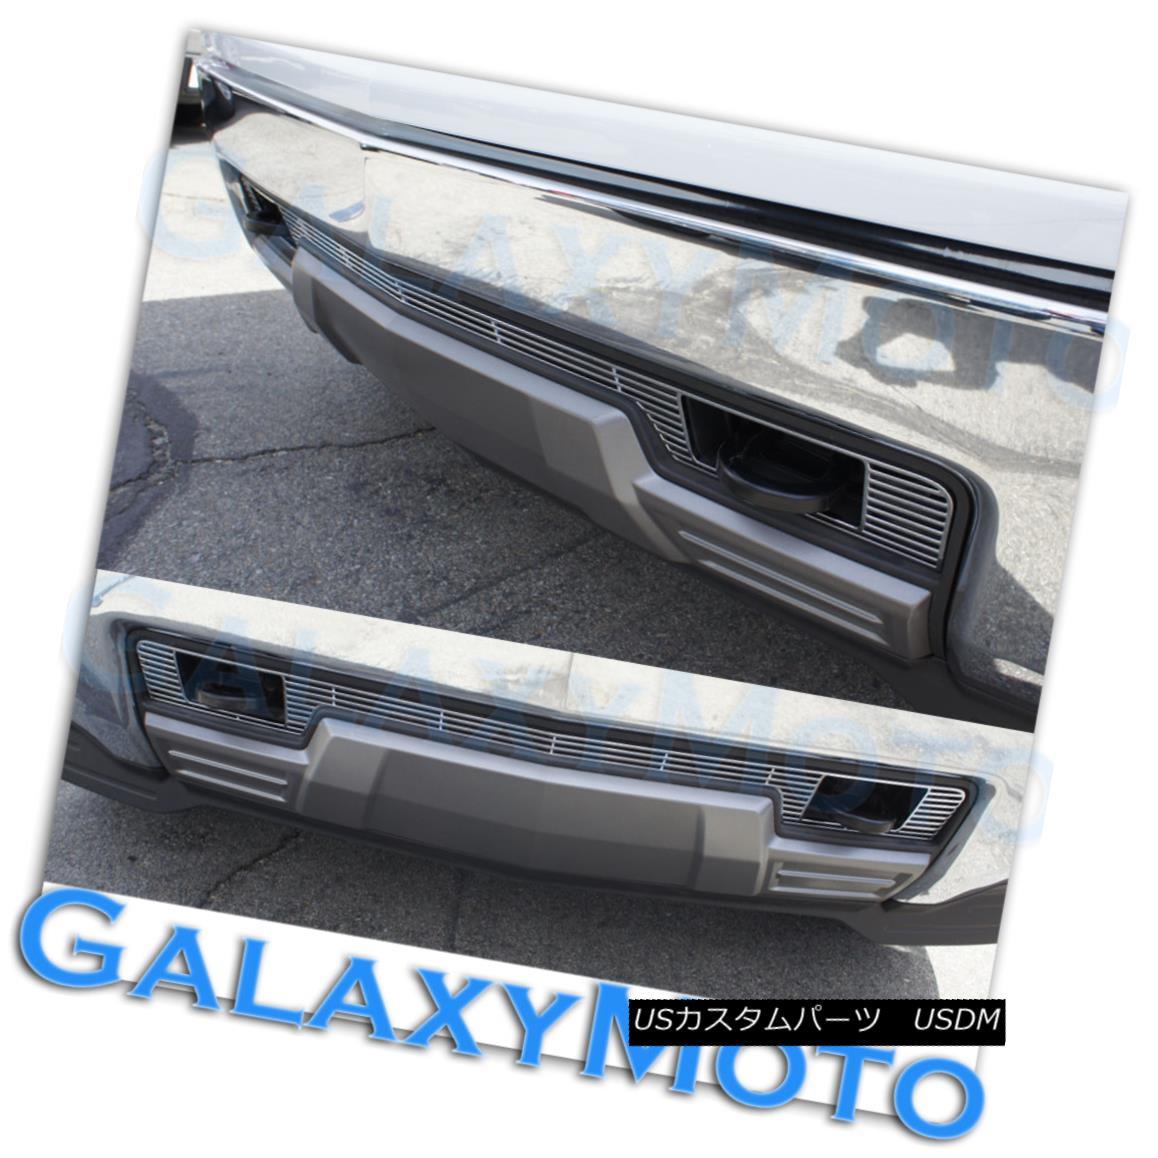 グリル 14-15 Chevy Silverado 1500 Chrome Lower Bumper Billet Grille Insert w/ Tow Hook 14-15 Chevy Silverado 1500クロムロワーバンパービレットグリルインサート